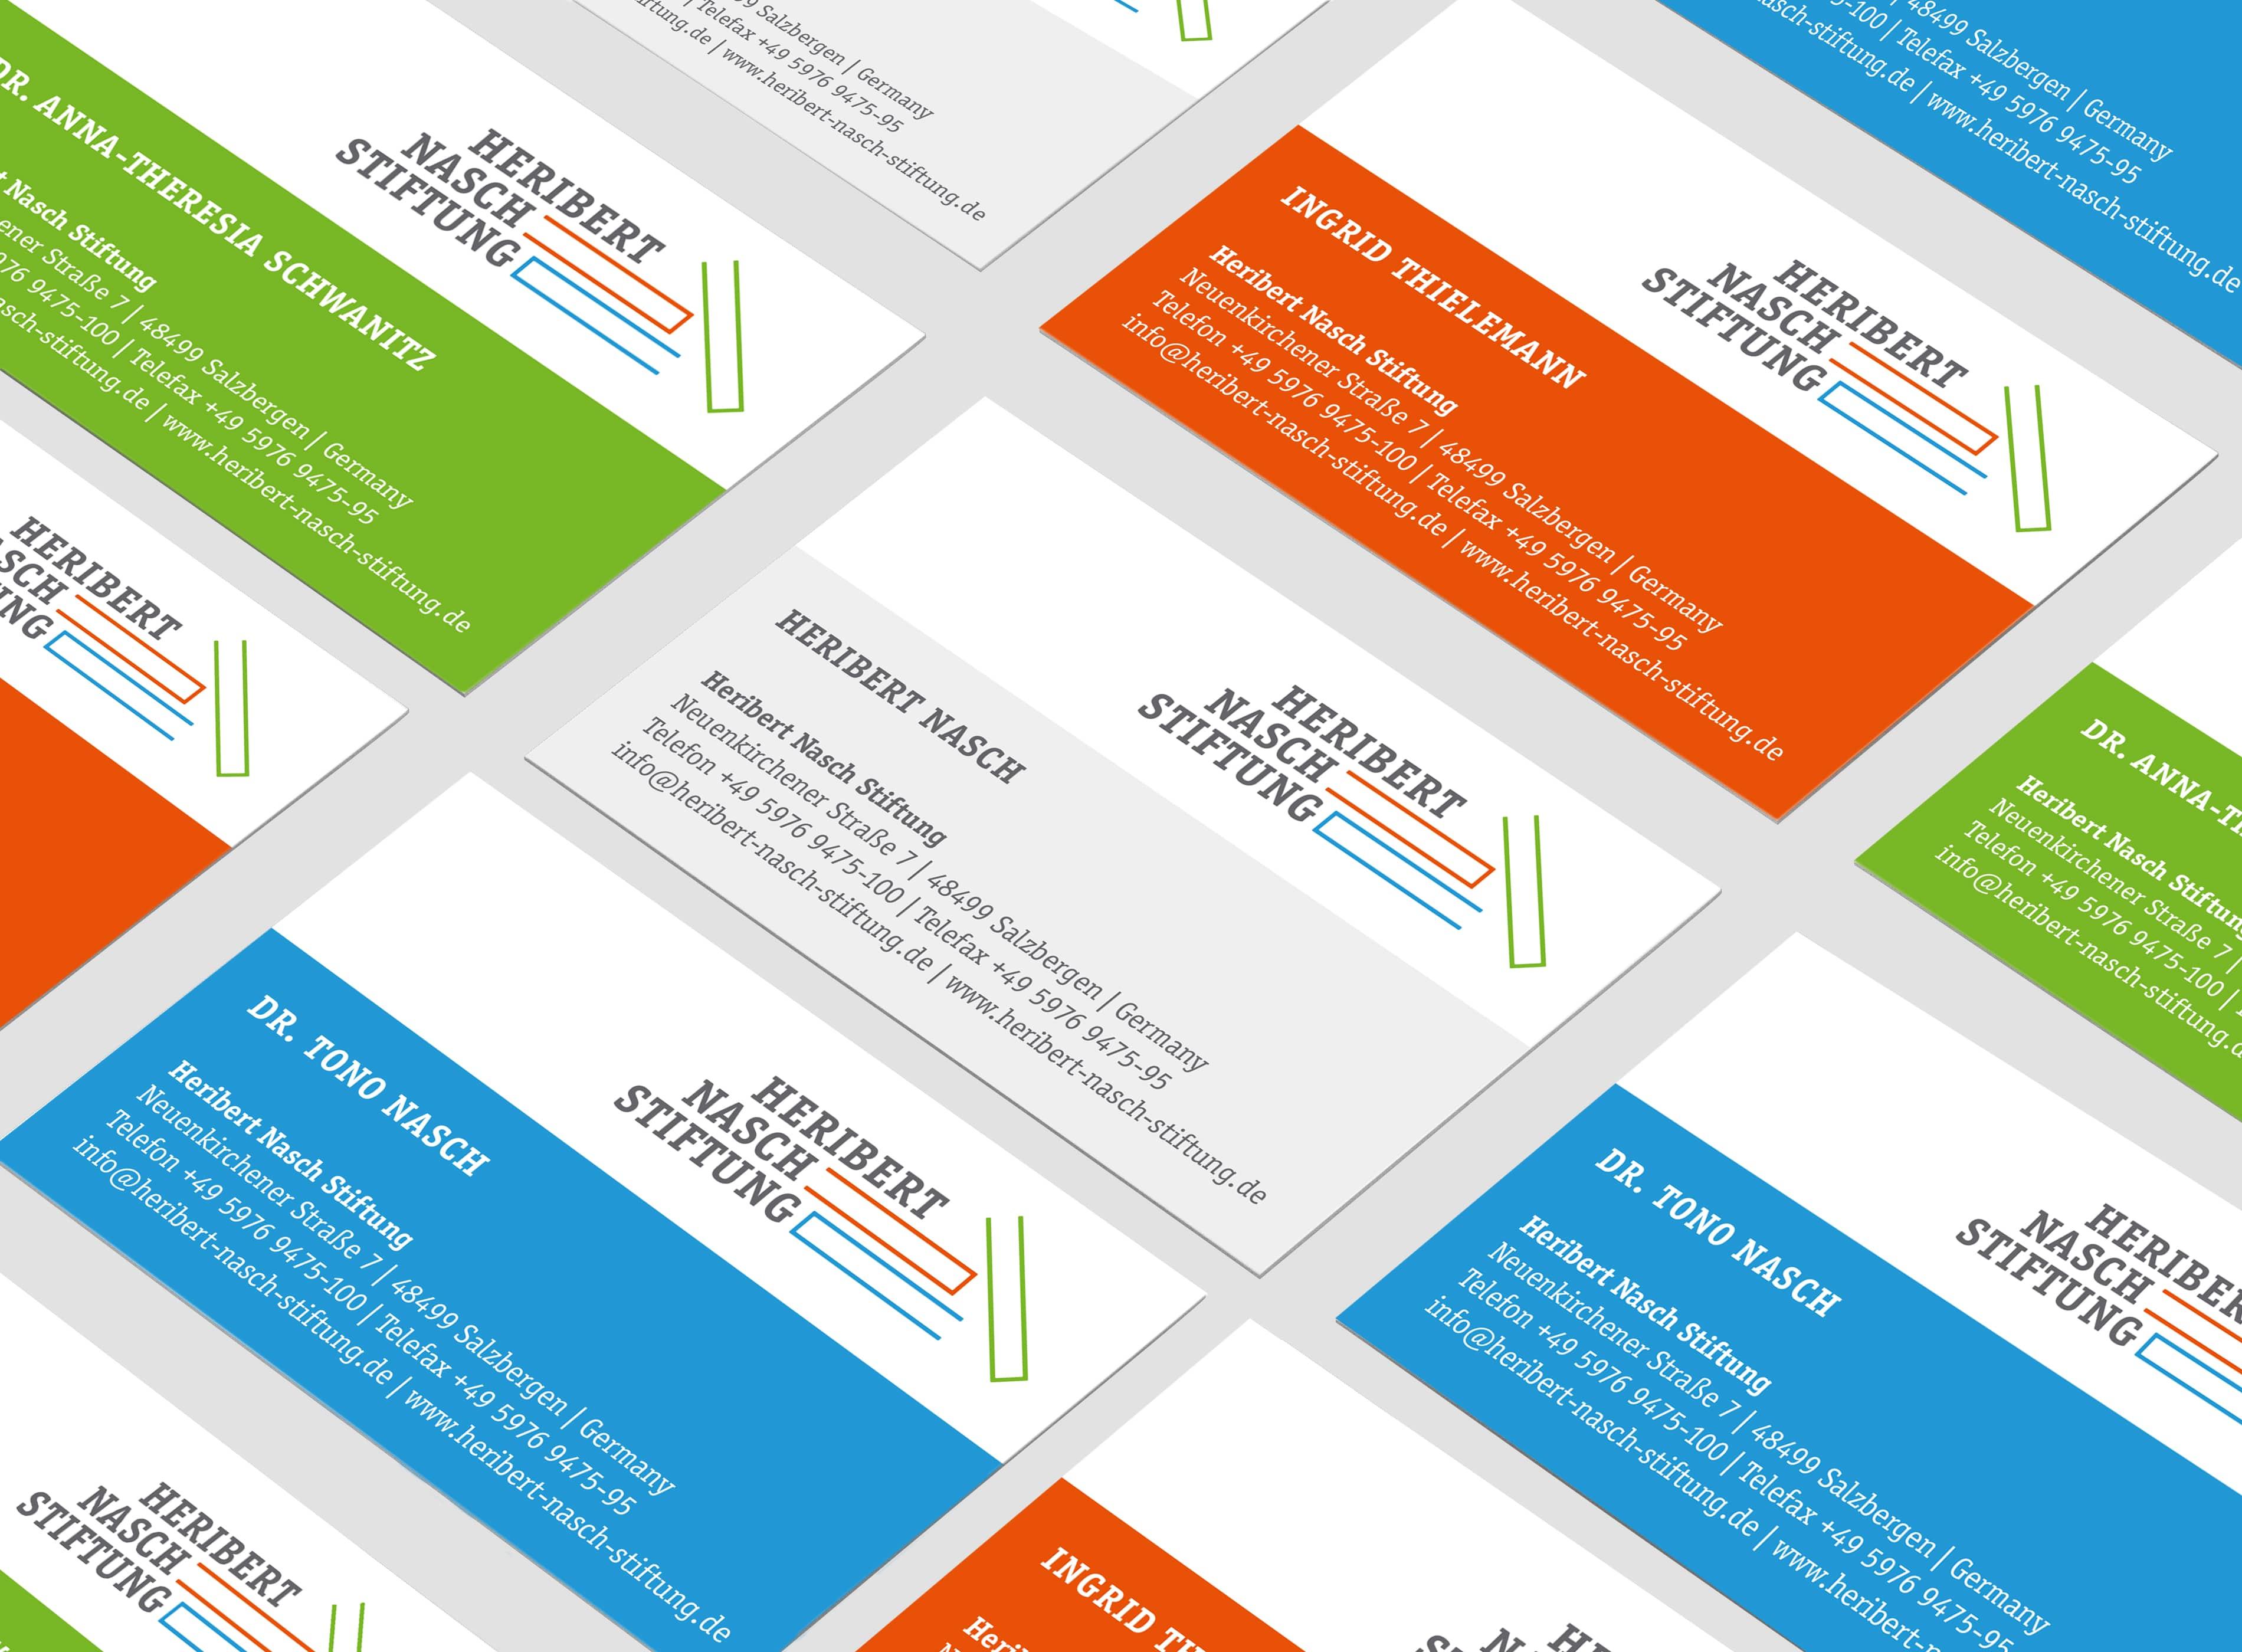 hns cd 04 - Nicht nur Gutes tun, sondern auch das Richtige – Corporate Design, Logoentwicklung, Grafikdesign, Webdesign, Kommunikationsdesign, Branding, Markenentwicklung